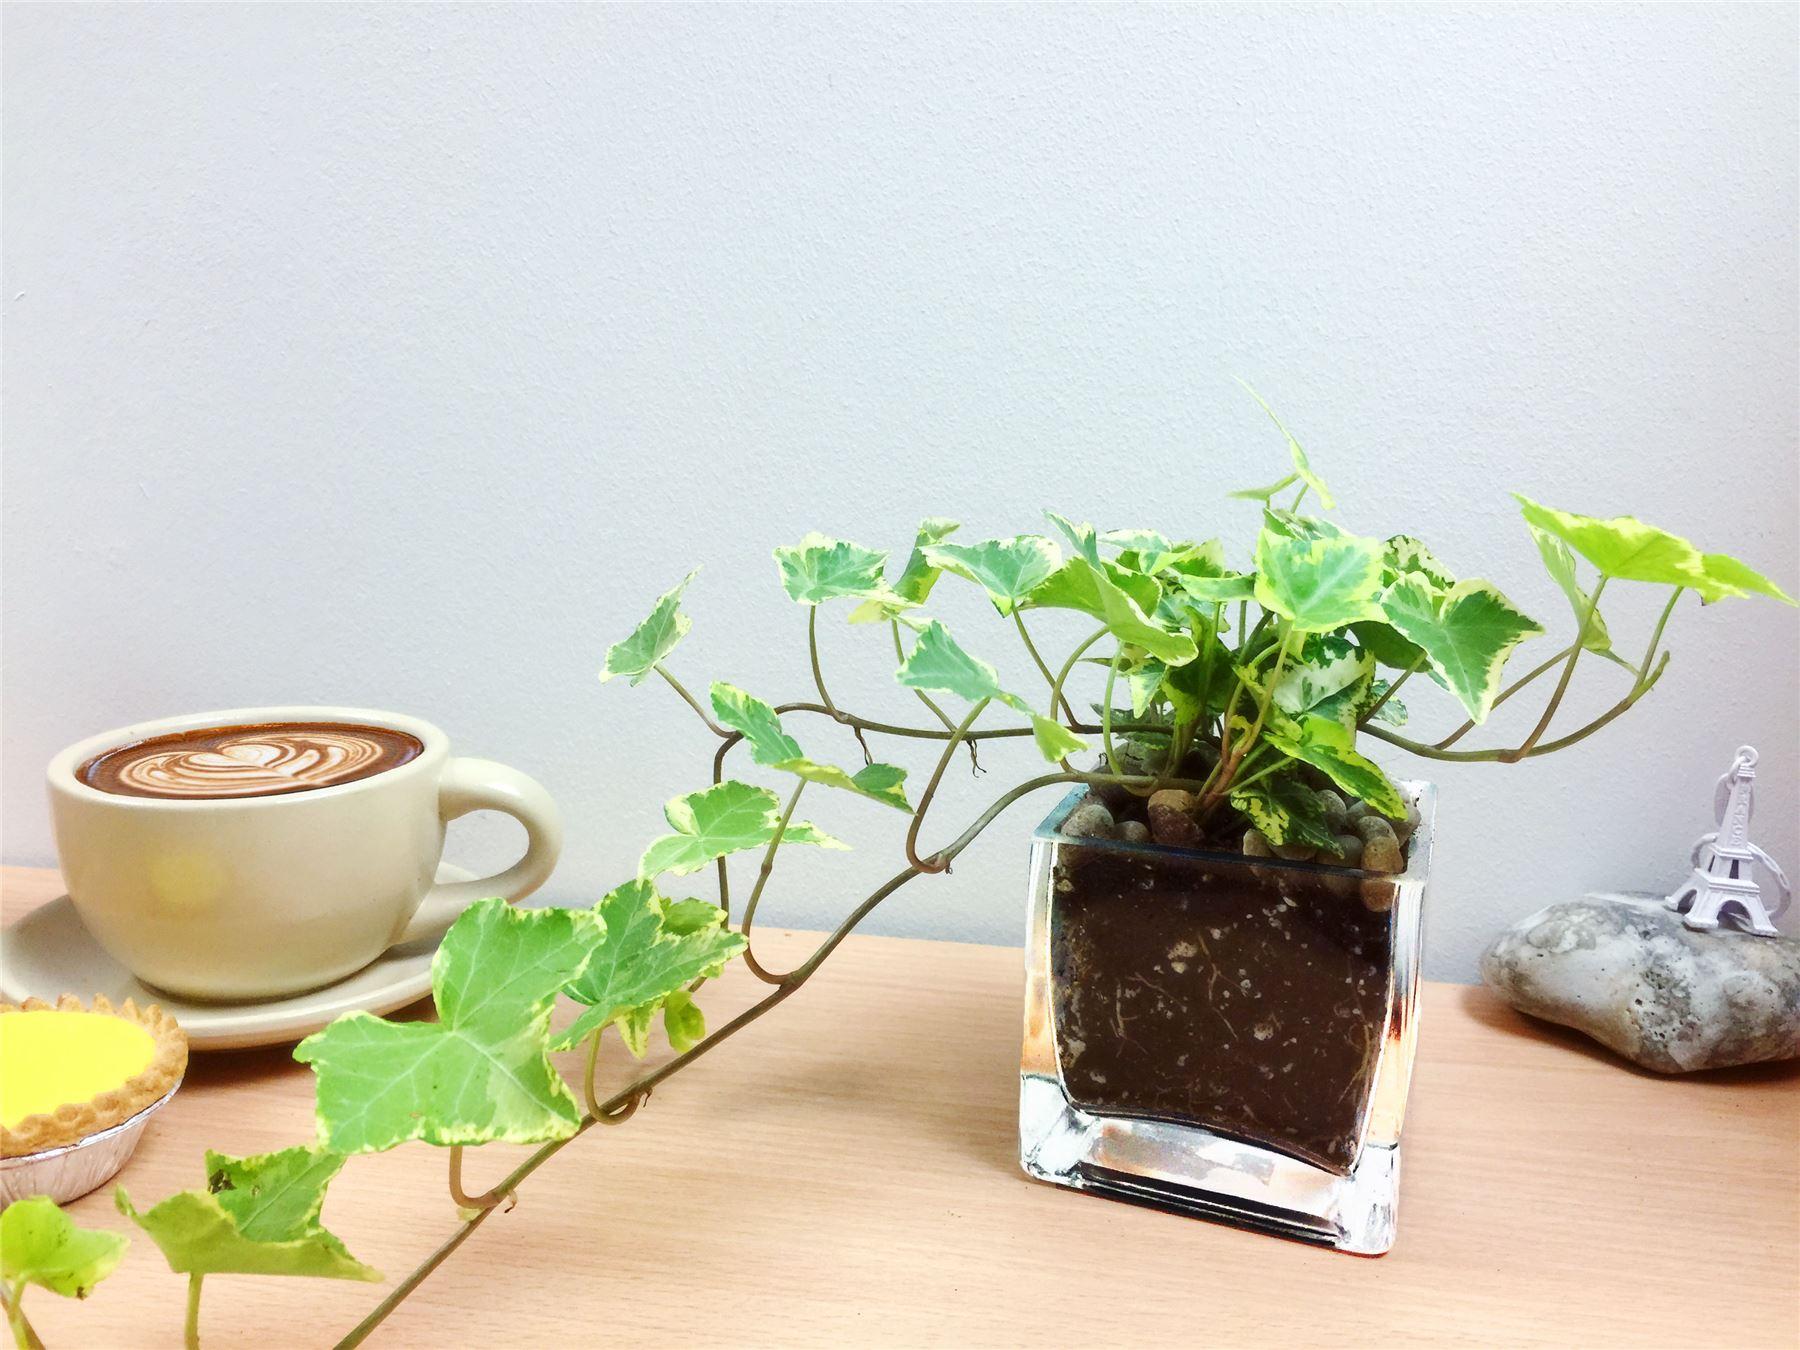 Piante Ufficio Ossigeno : Come purificare l aria di casa con le piante la stampa